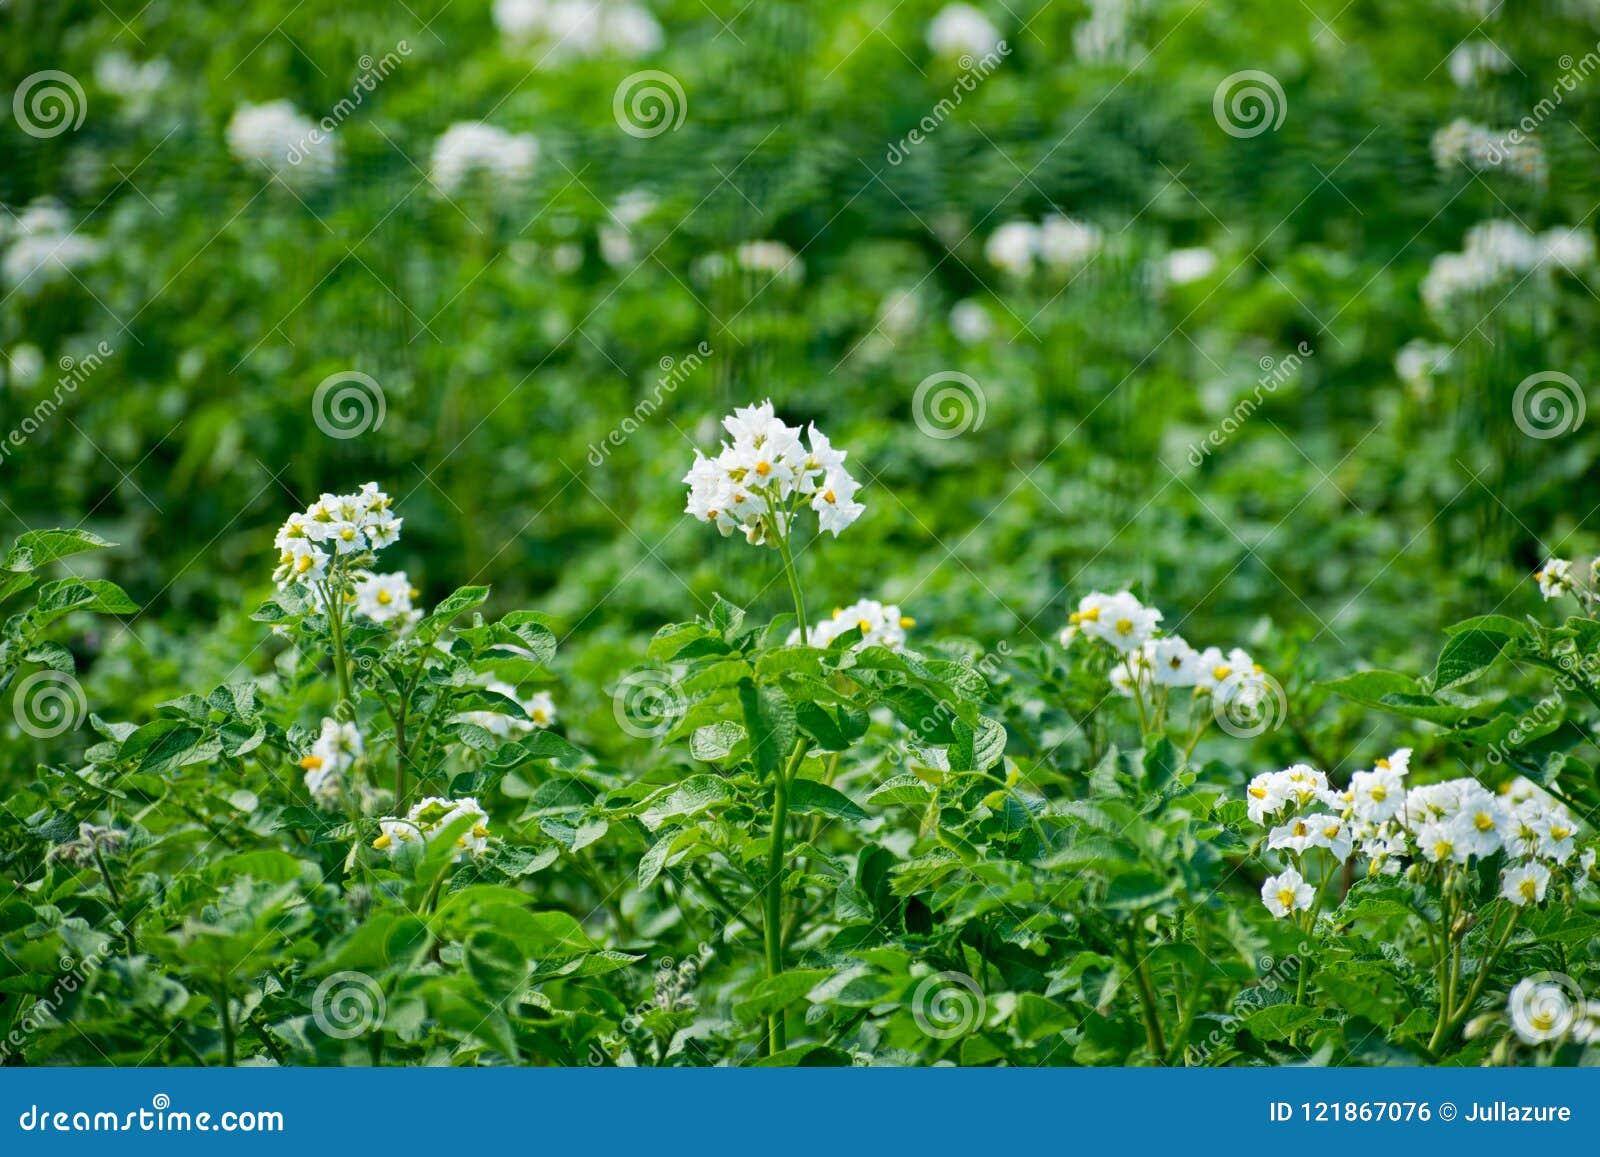 White flower of potato plant potato bushes with flowering close up white flower of potato plant potato bushes with flowering close up mightylinksfo